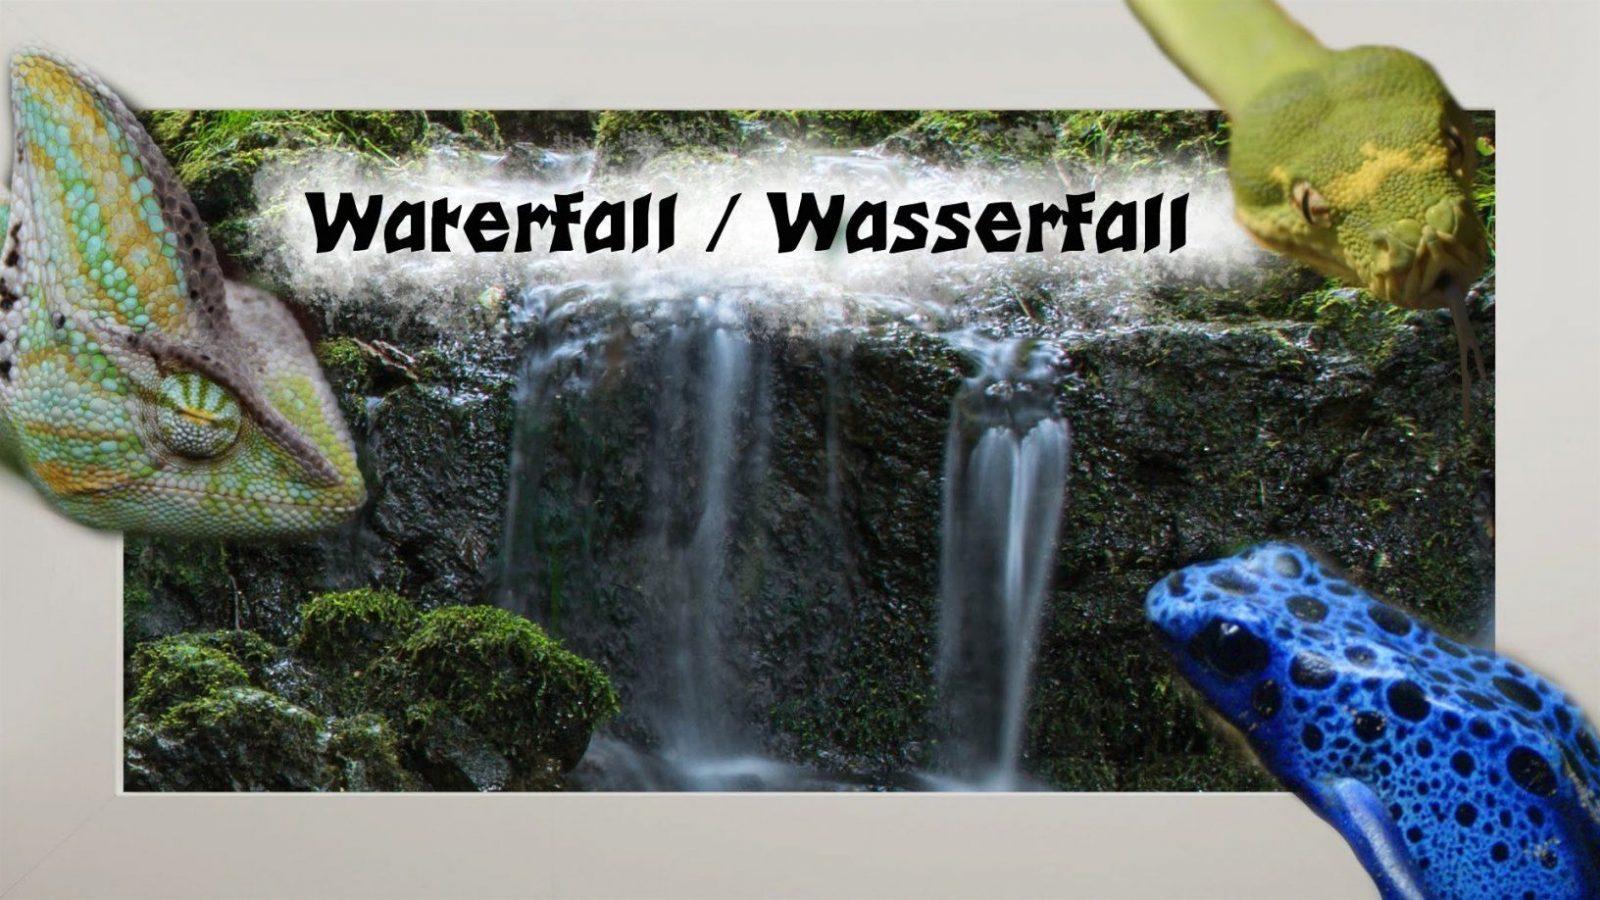 Zimmerbrunnen Wasserfall Selber Bauen Ideen von Zimmerbrunnen Wasserfall Selber Bauen Bild